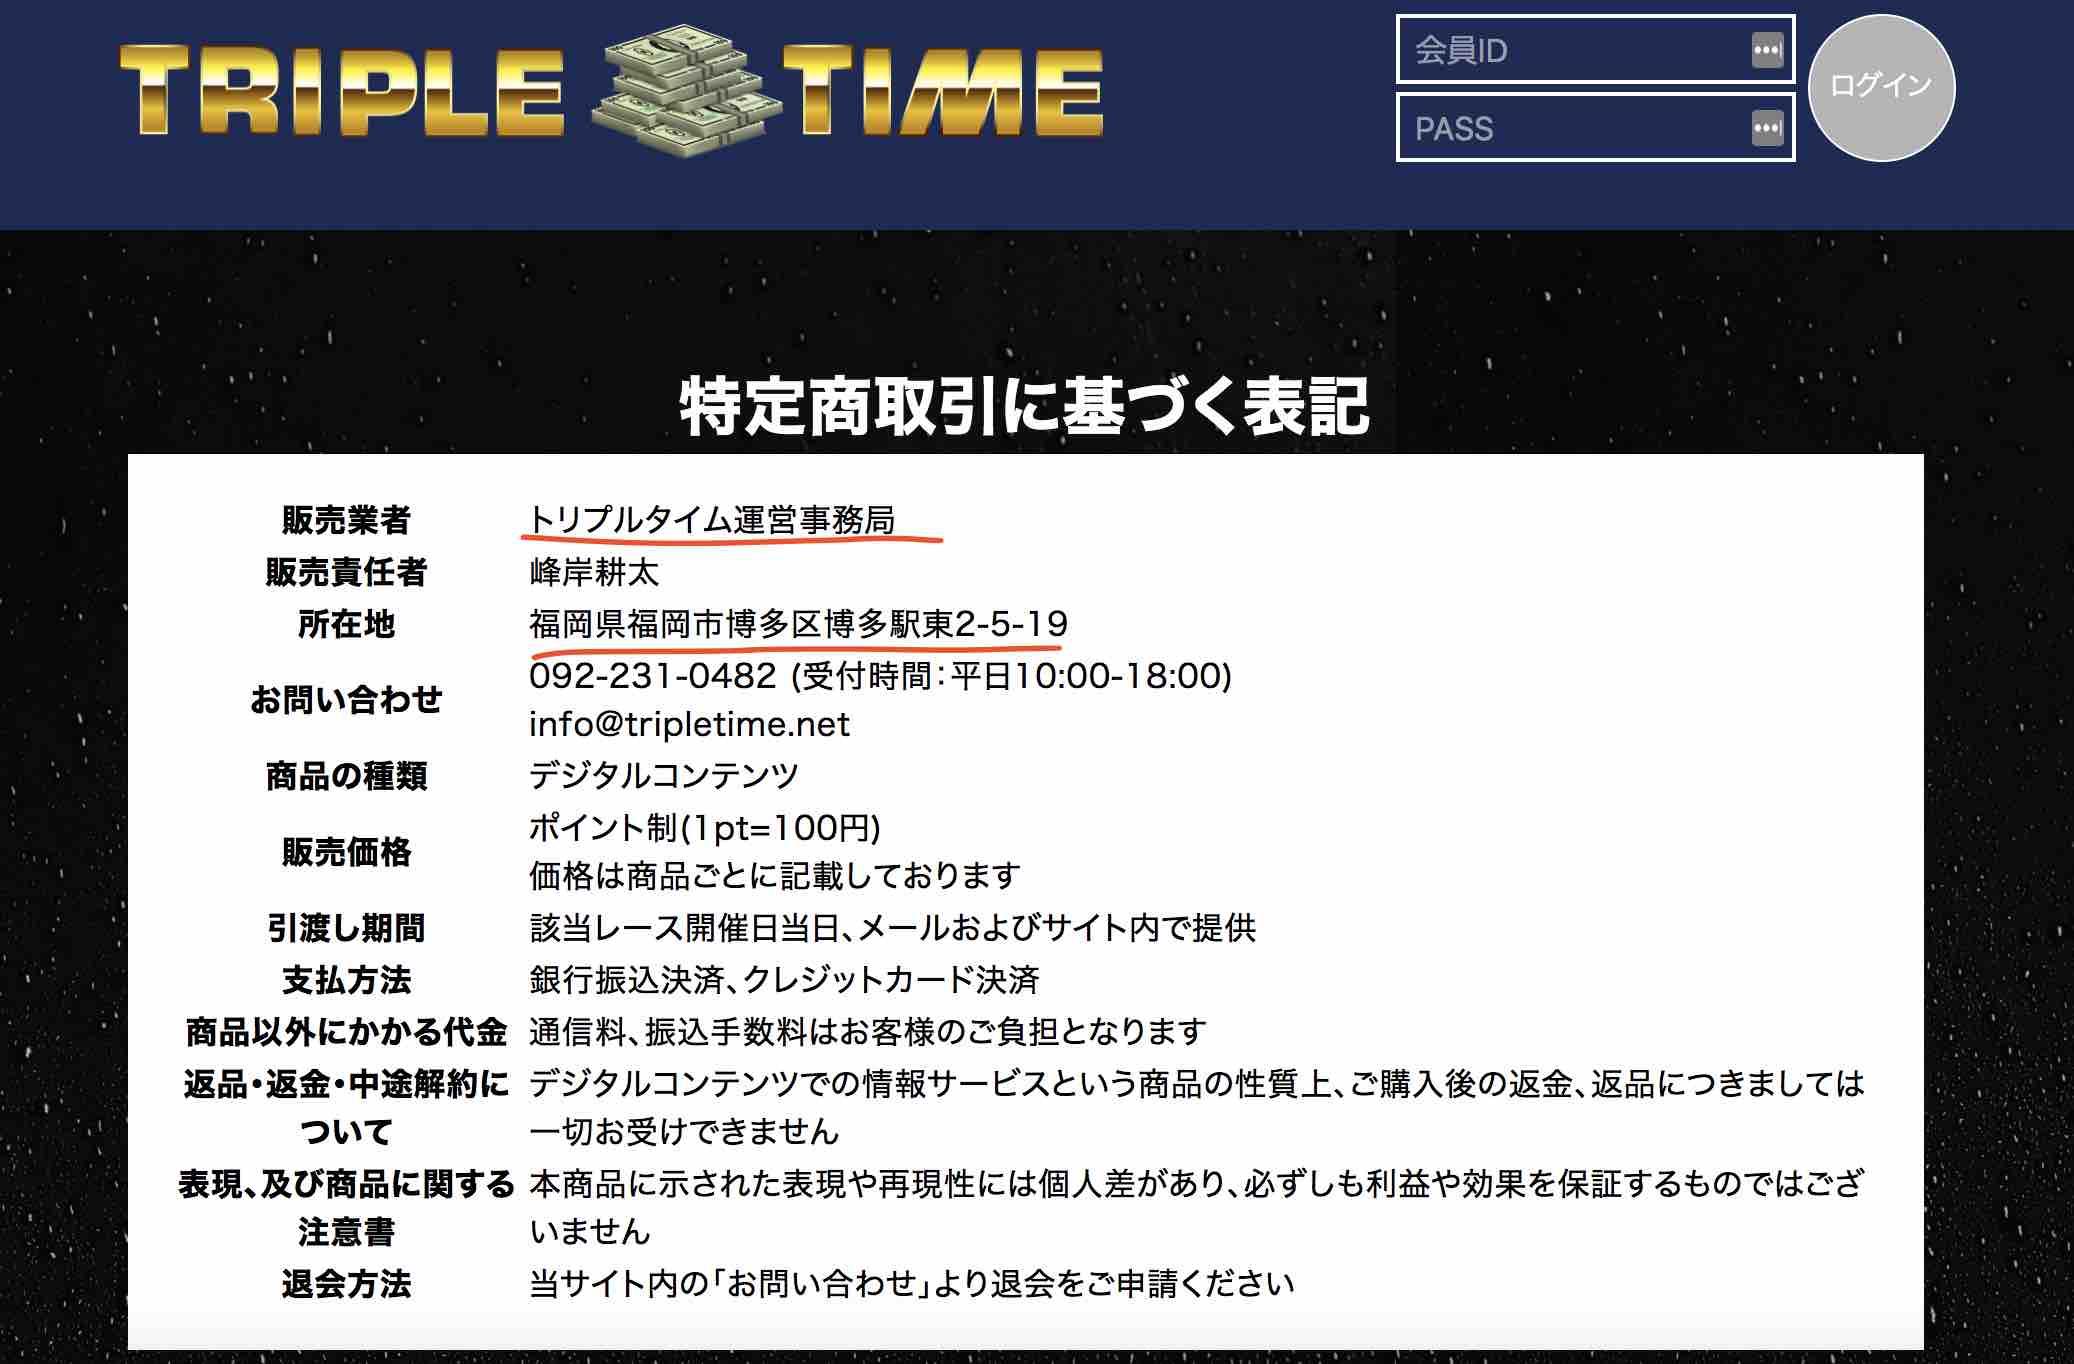 トリプルタイム(TRIPLETIME)という競艇予想サイトの運営会社情報